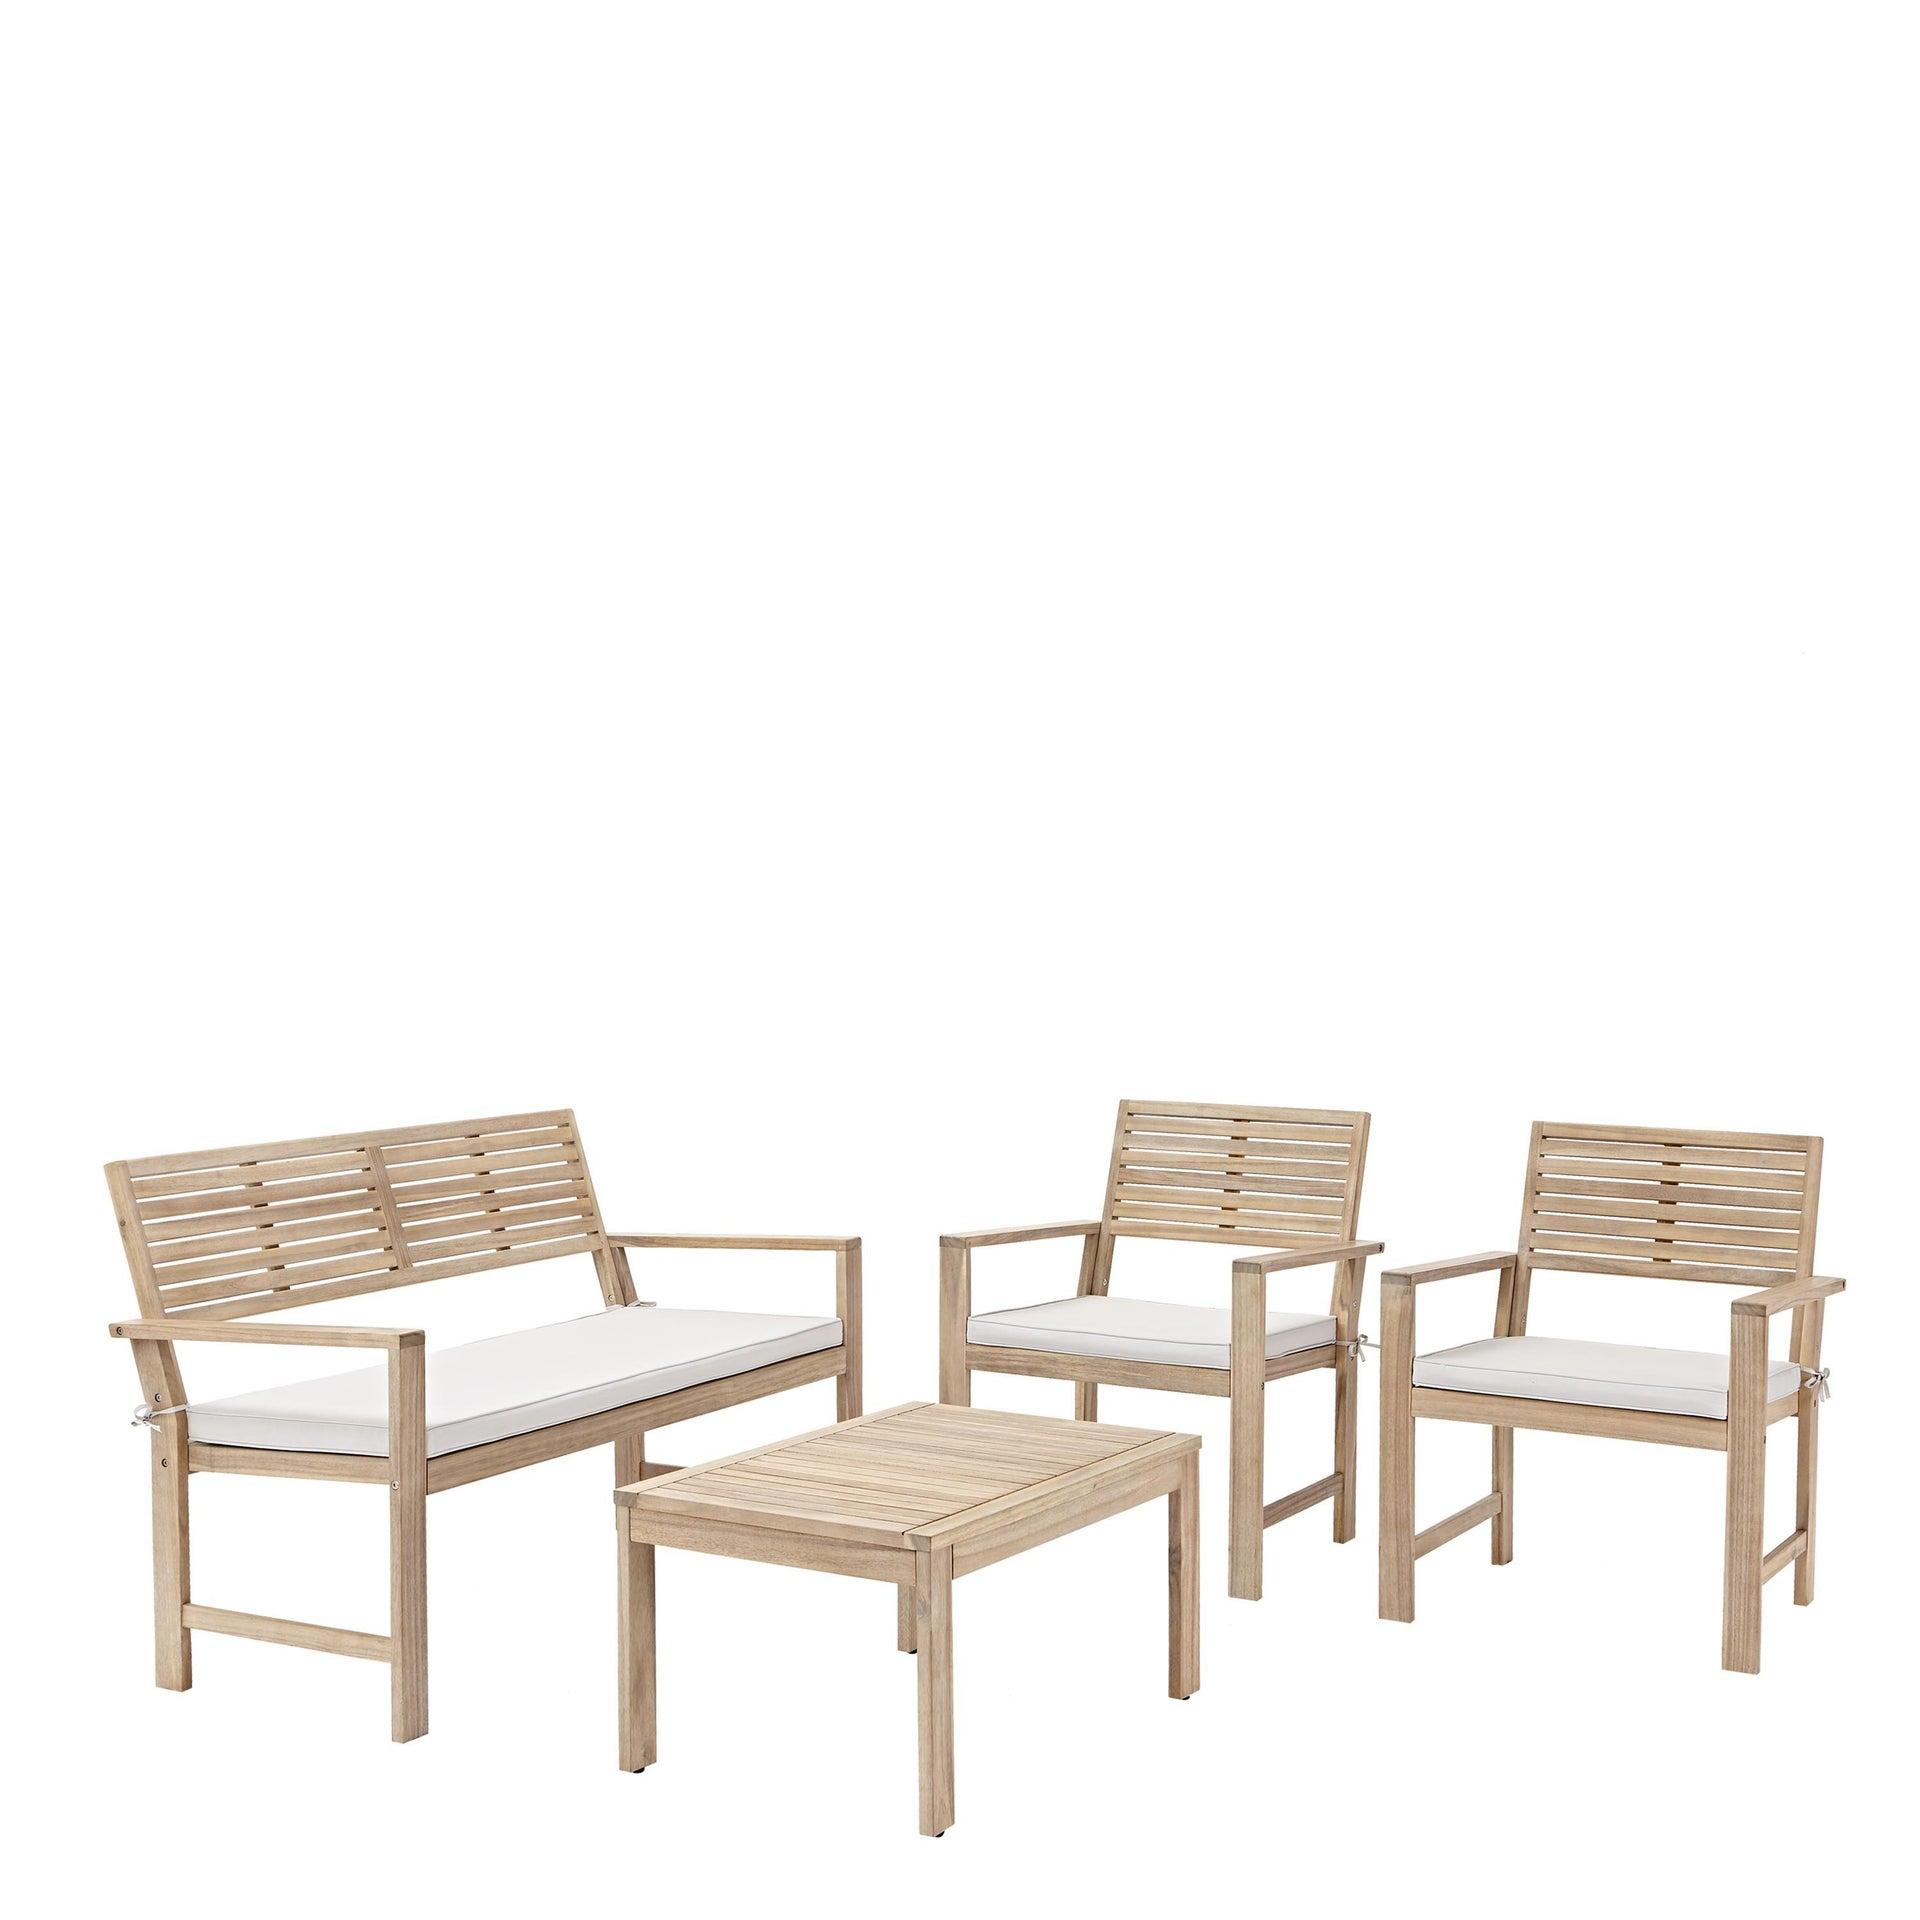 Coffee set rivestito in legno NATERIAL Solis per 4 persone - 23